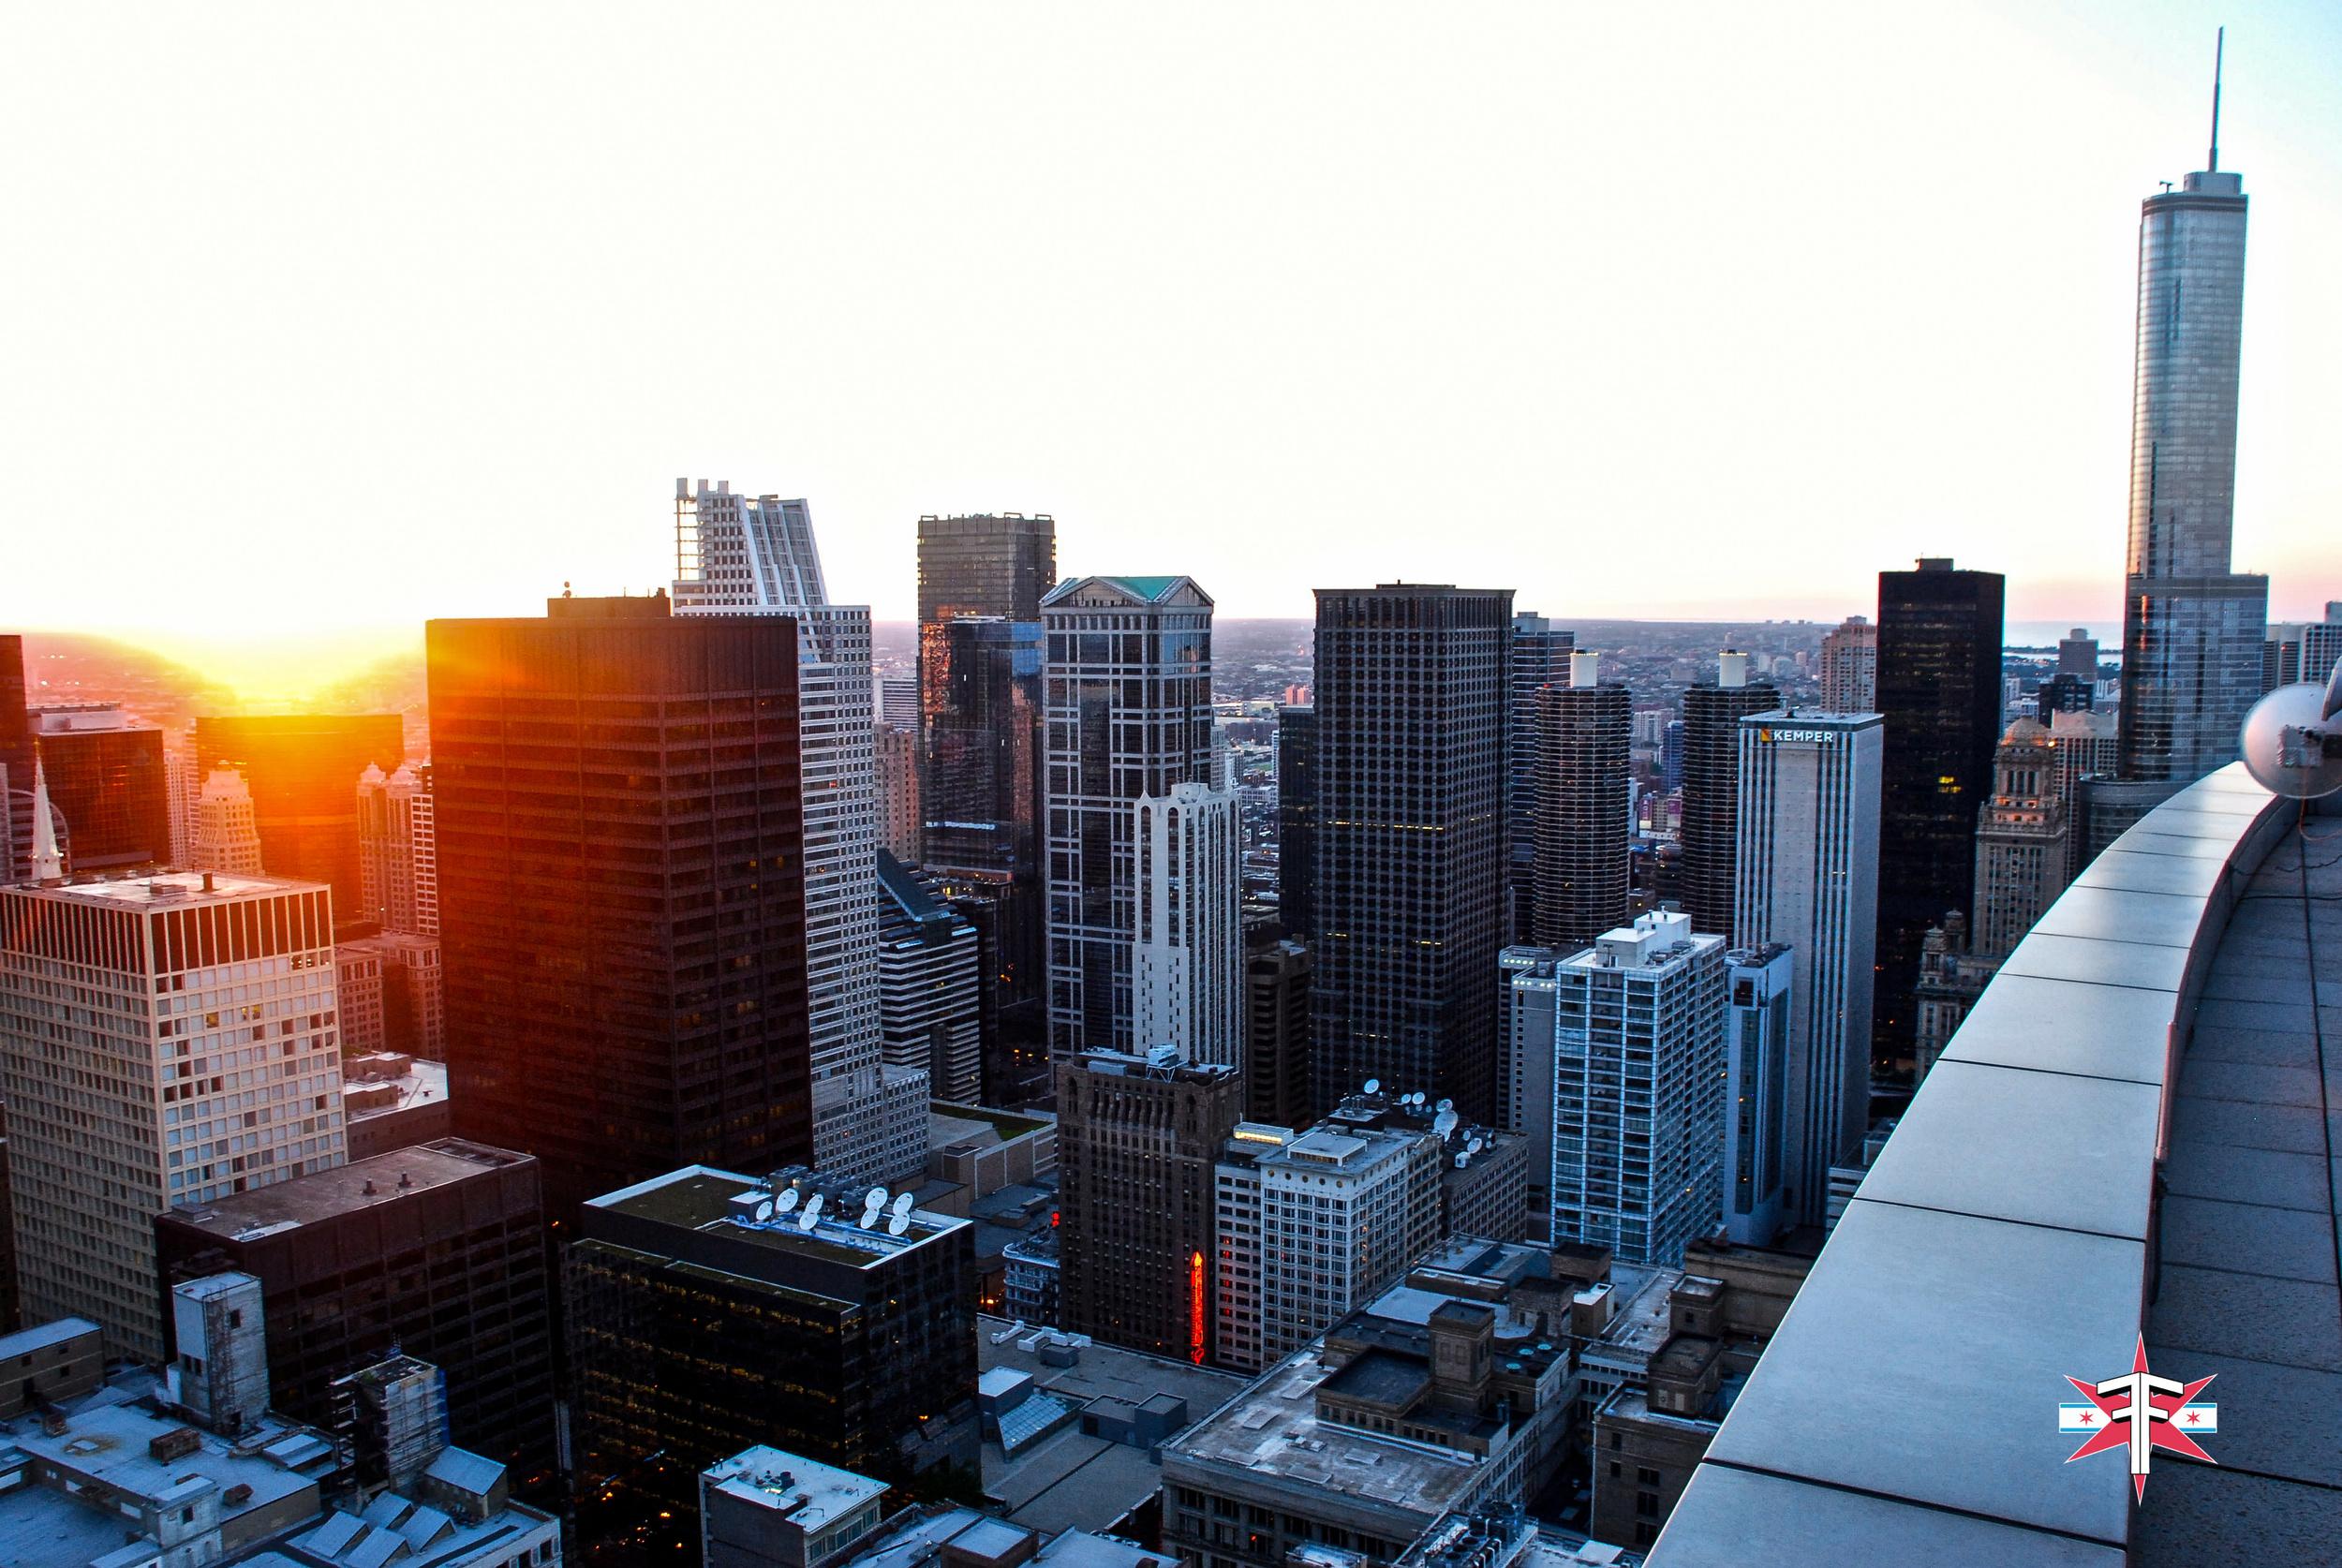 chicago art architecture eric formato photography design arquitectura architettura buildings skyscraper skyscrapers-275.jpg